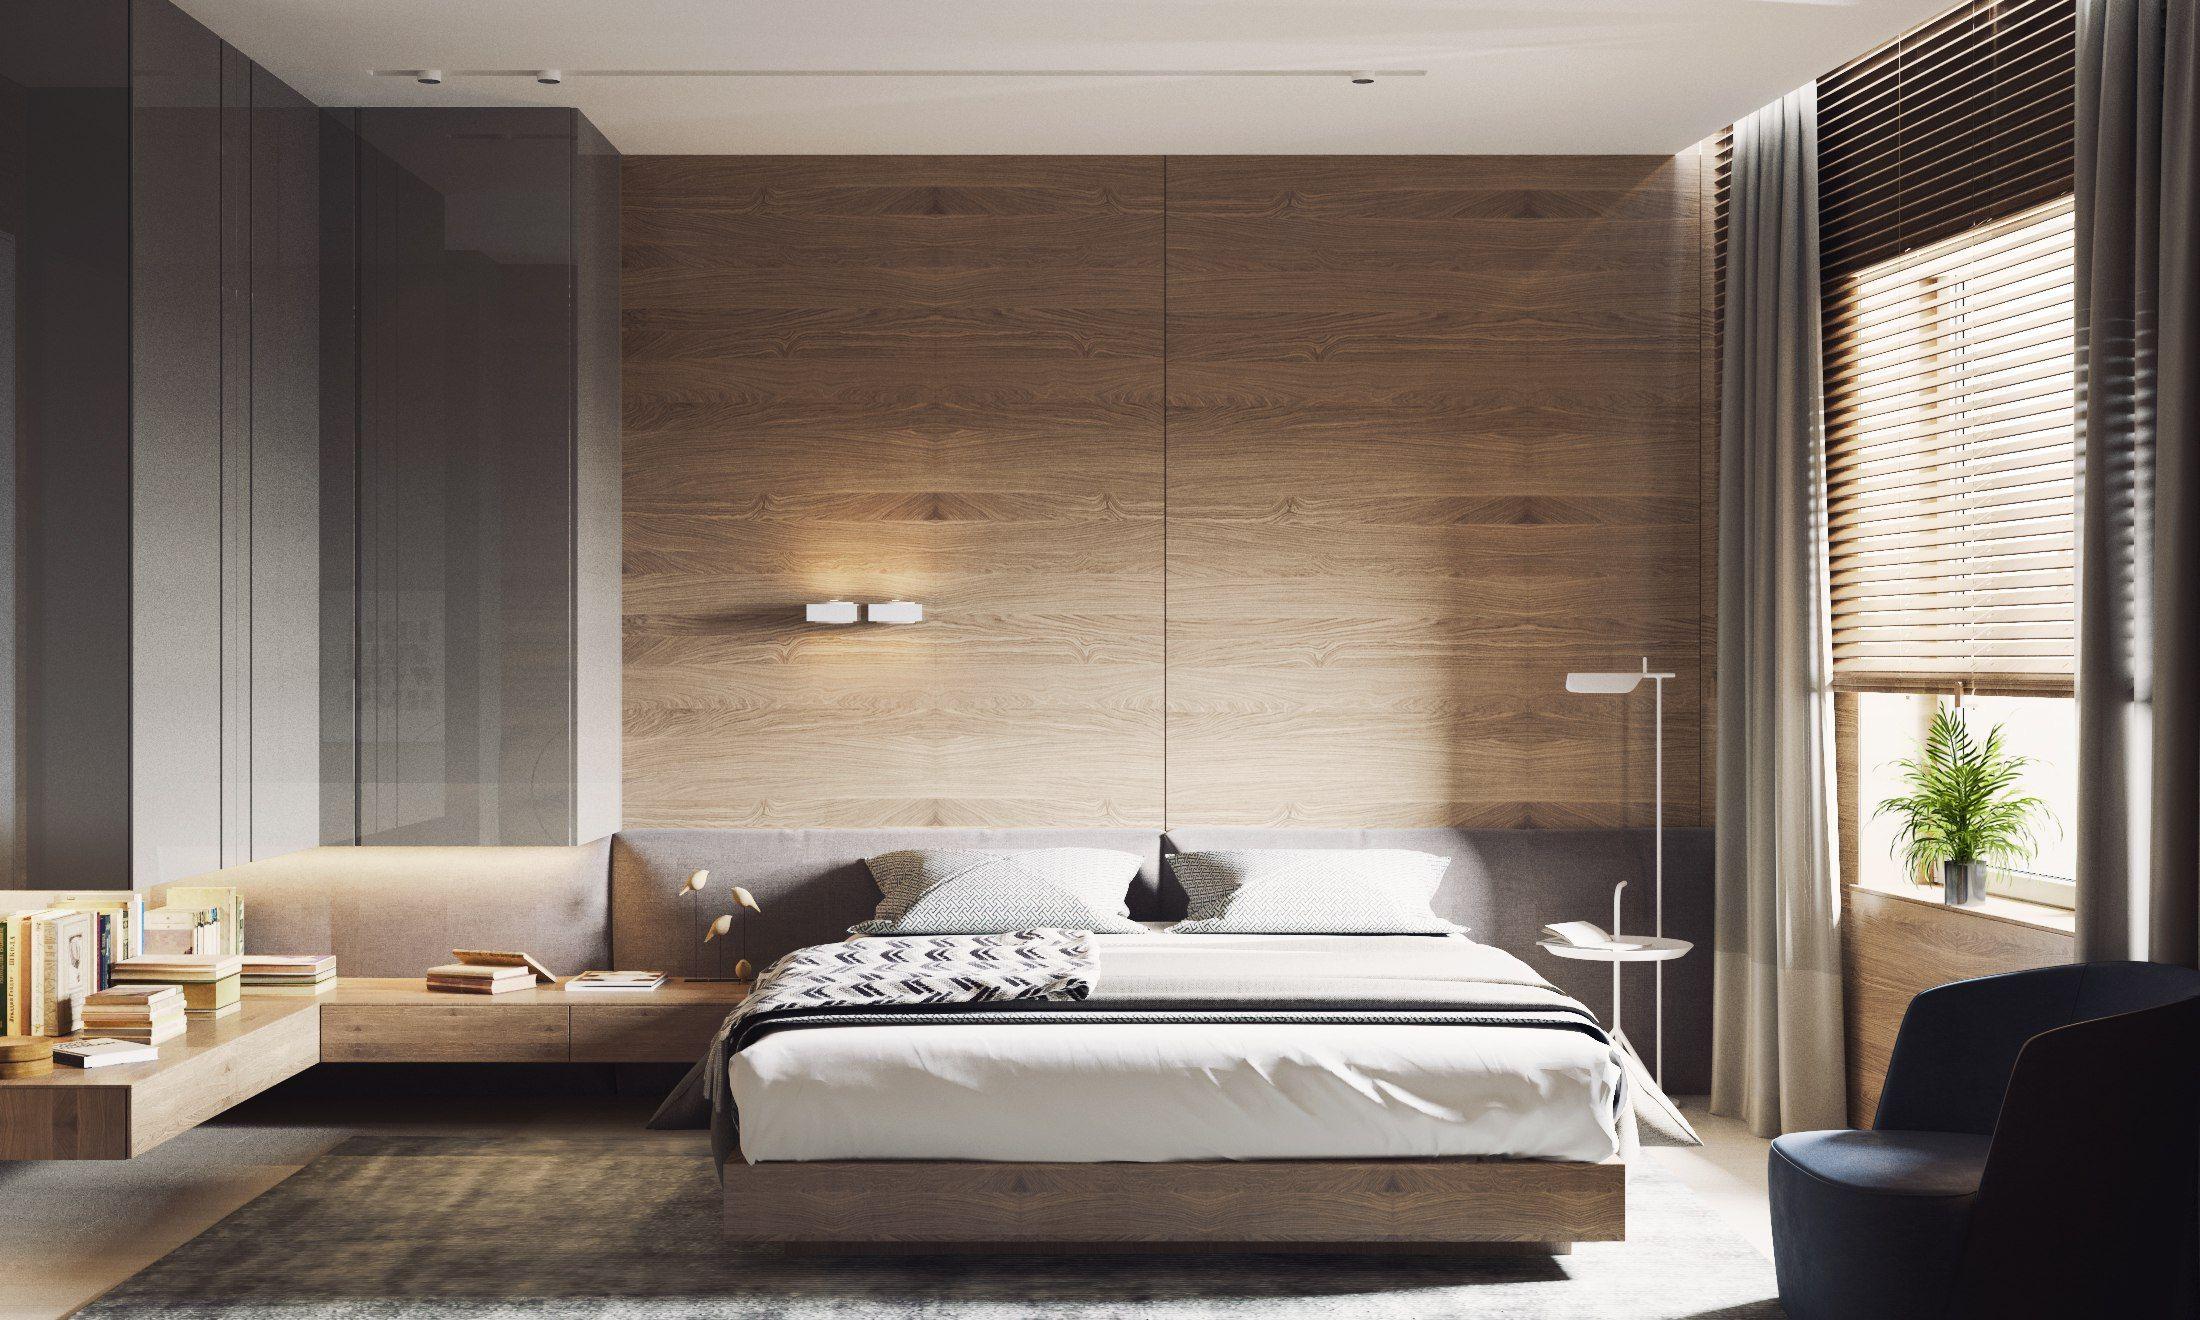 Schlafzimmer katalog ~ Cremefarbene schlafzimmerideen moderne schlafzimmer